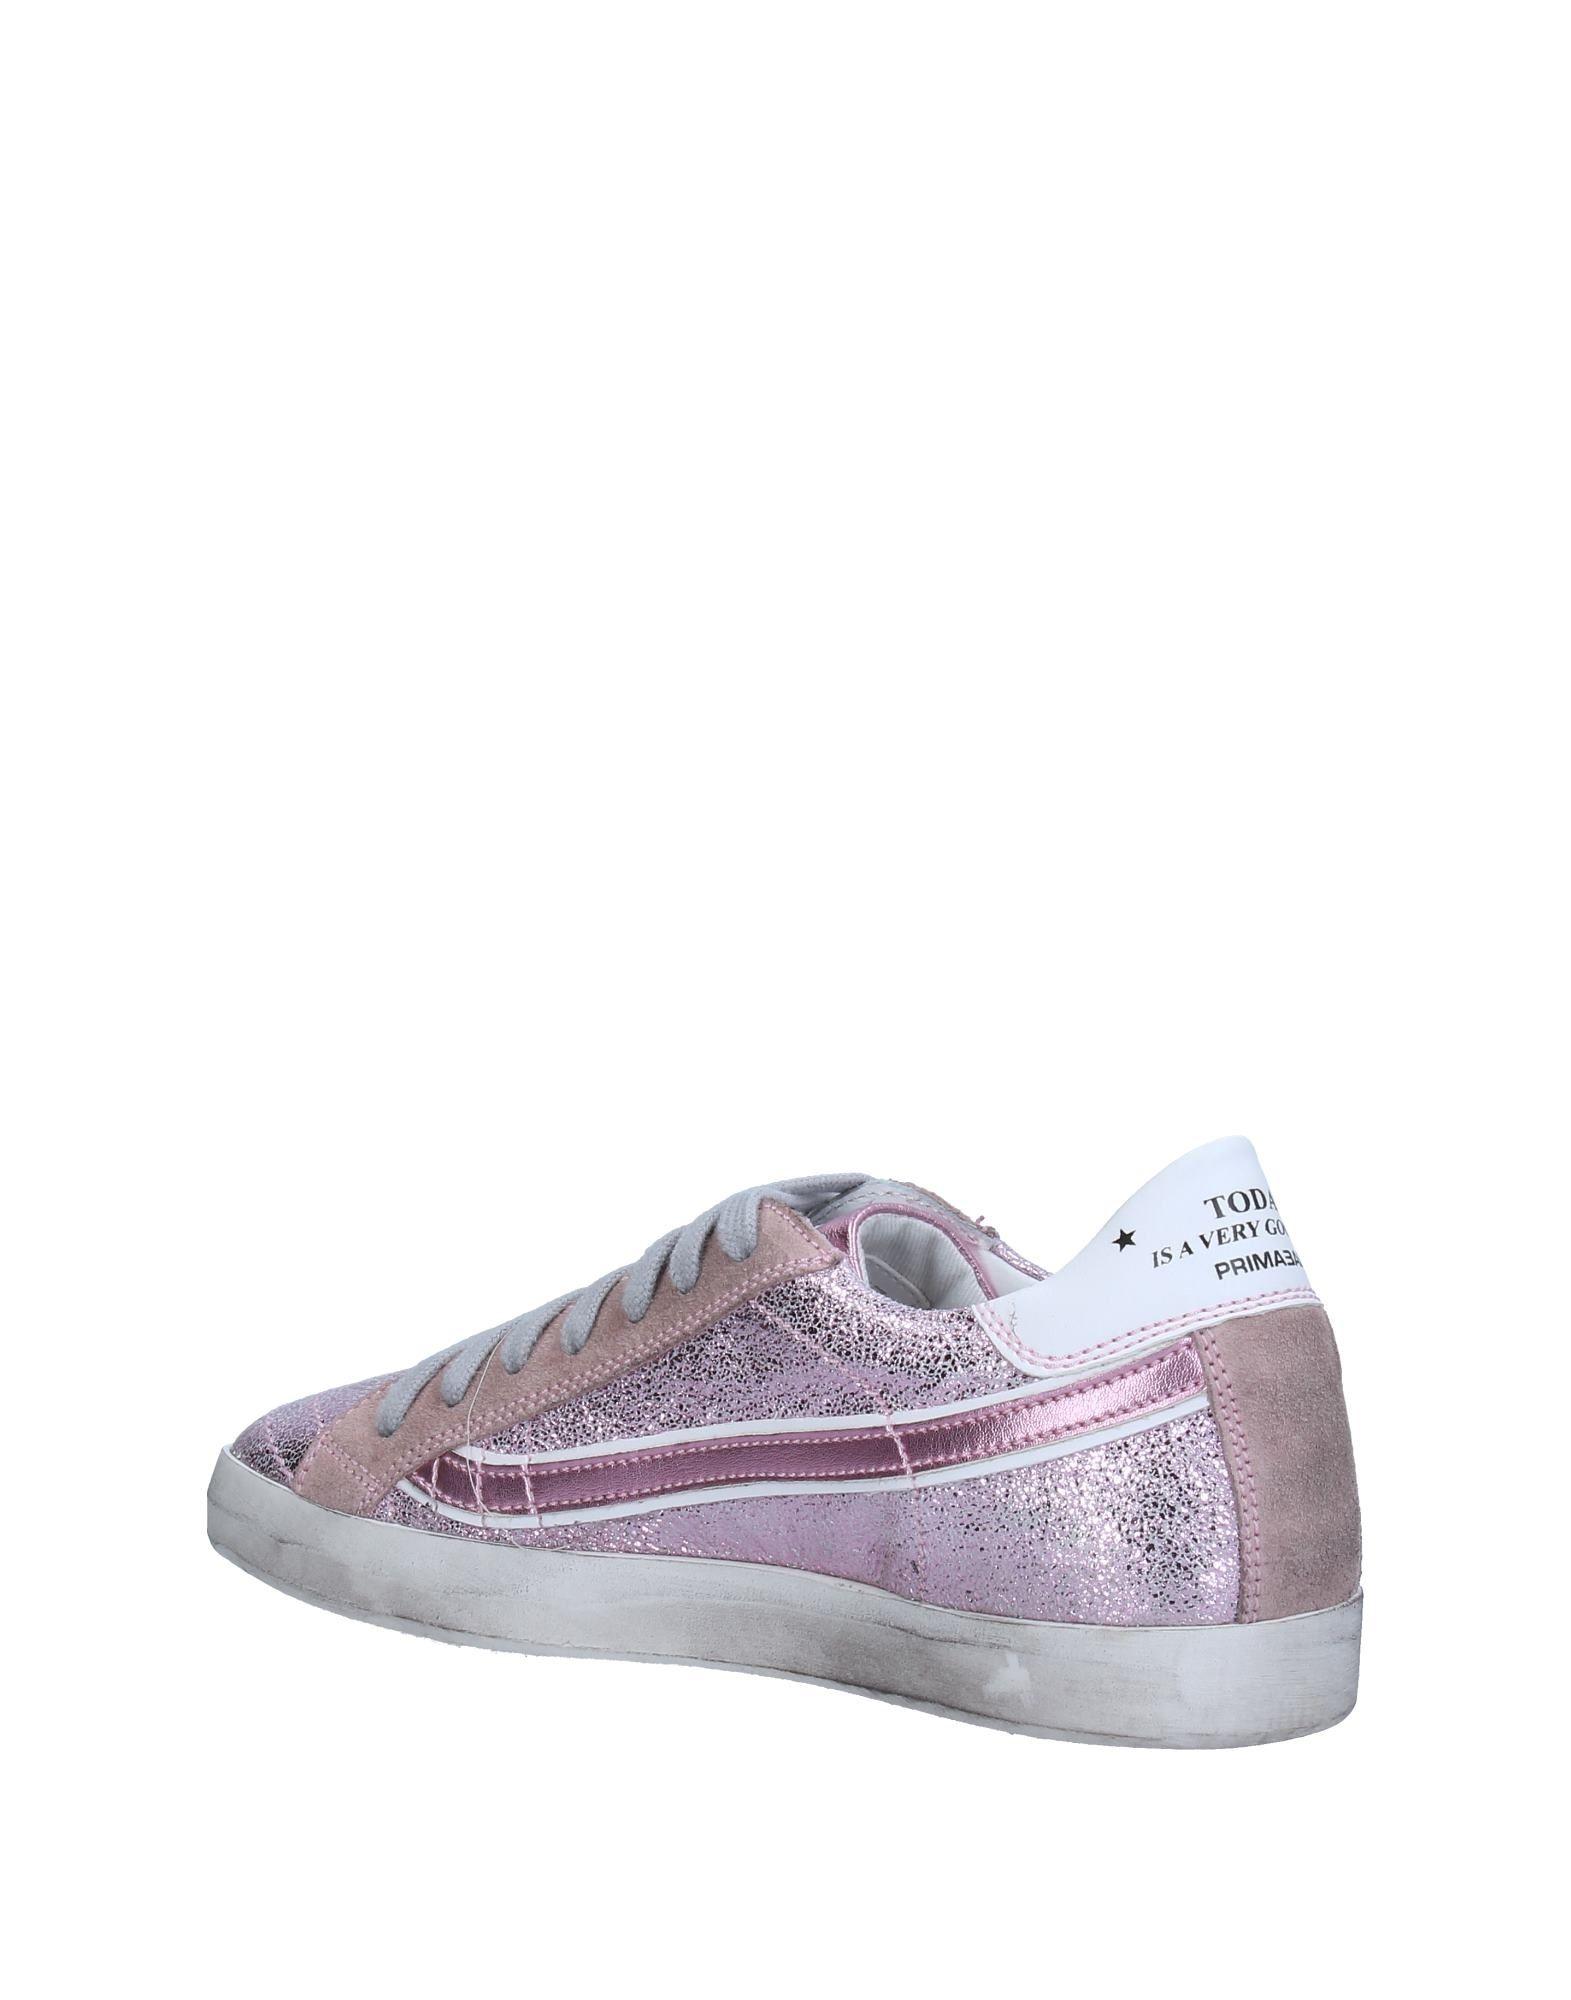 Moda Moda Moda Sneakers Primabase Donna - 11332879GM d17605